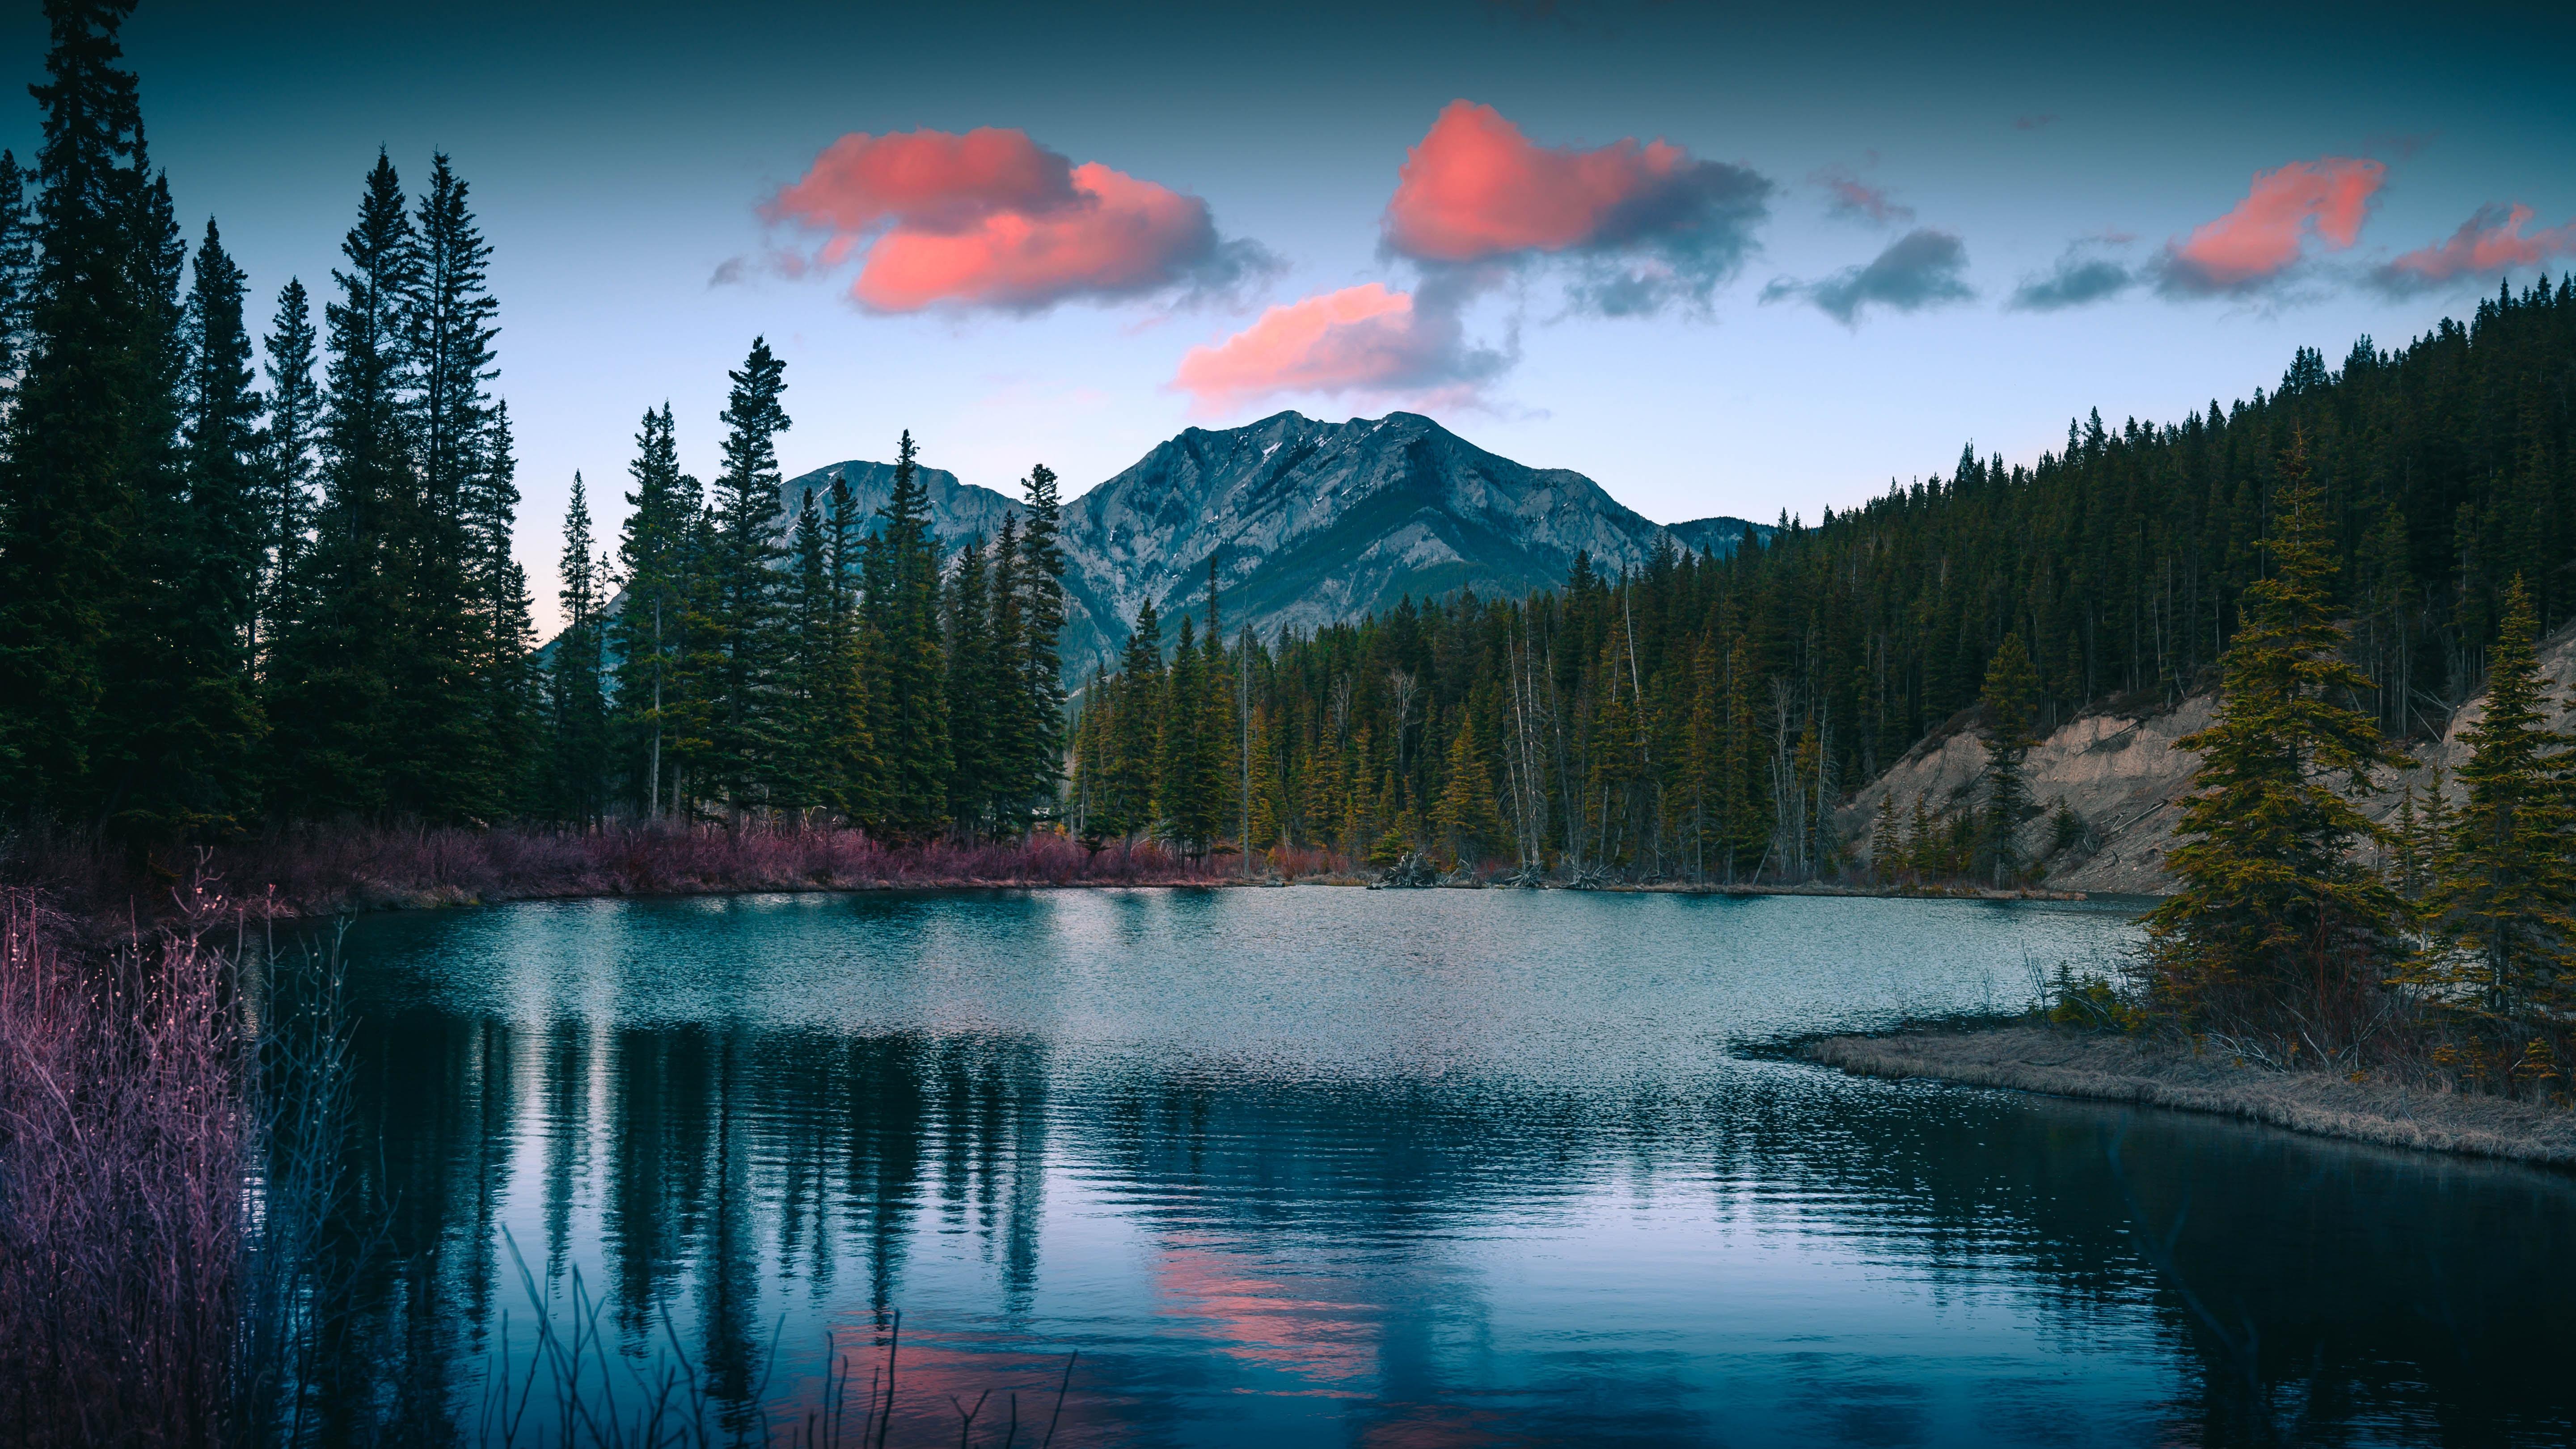 112454 Hintergrundbild herunterladen Landschaft, Natur, Mountains, See, Wald - Bildschirmschoner und Bilder kostenlos